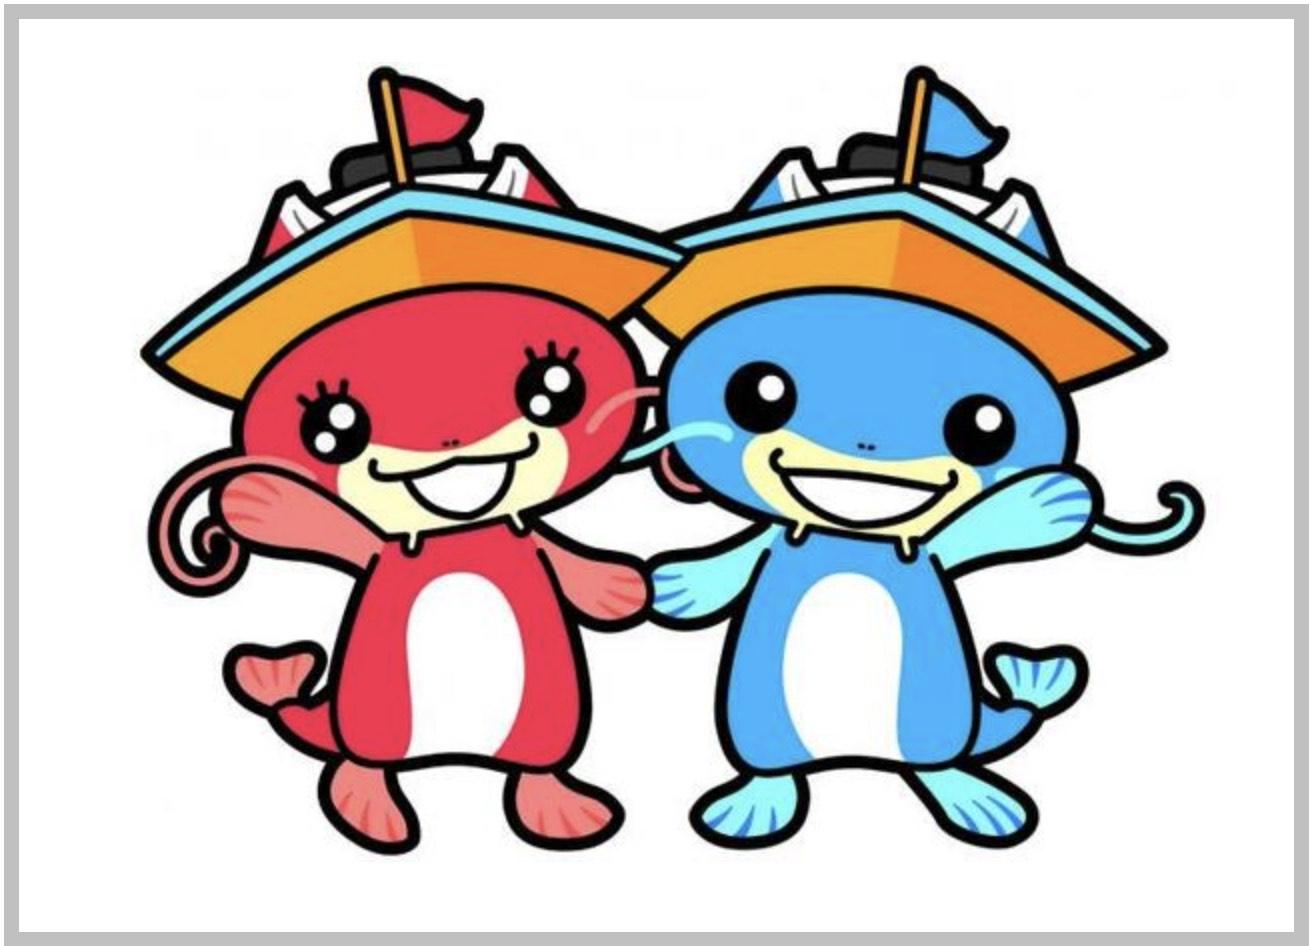 びわこ競艇場のマスコットキャラクター、びなちゃんとビーナスちゃんの画像